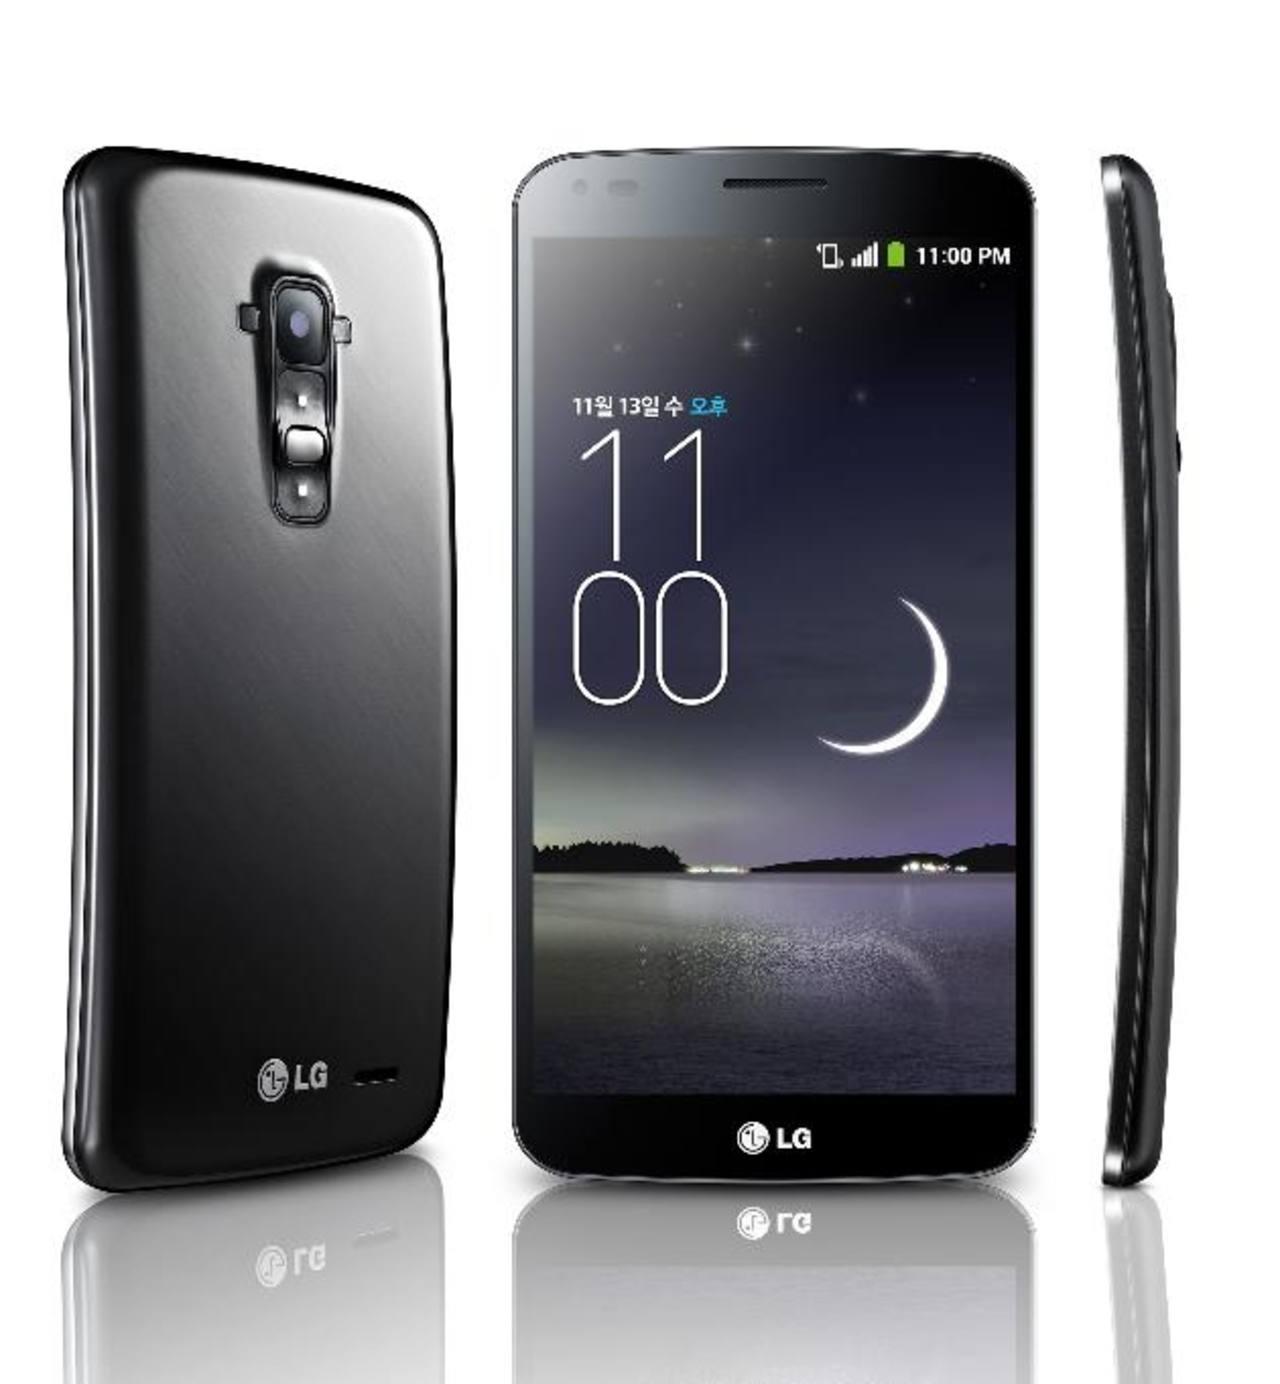 El novedoso Smartphone de LG, G Flex, que con su pantalla curva